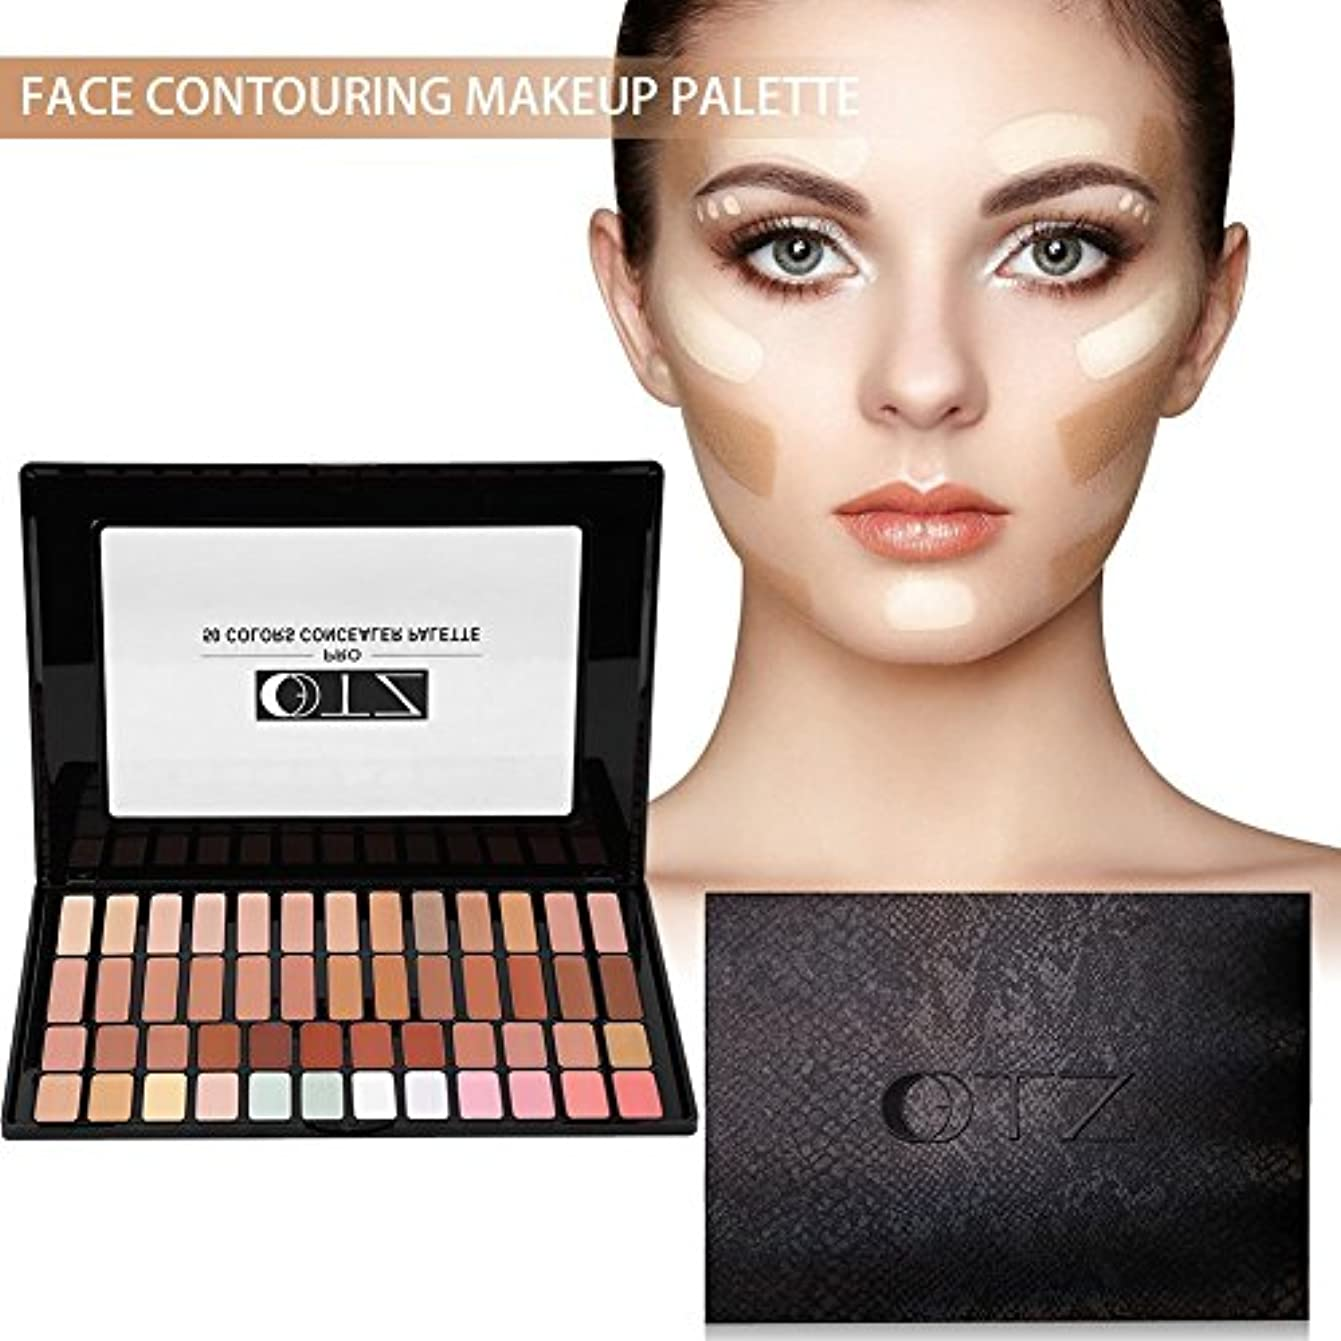 セットする解明抱擁顔の輪郭を作る化粧パレット、50色の肌の明るくなる眉輪郭コンシーラーハイライトパウダーキット